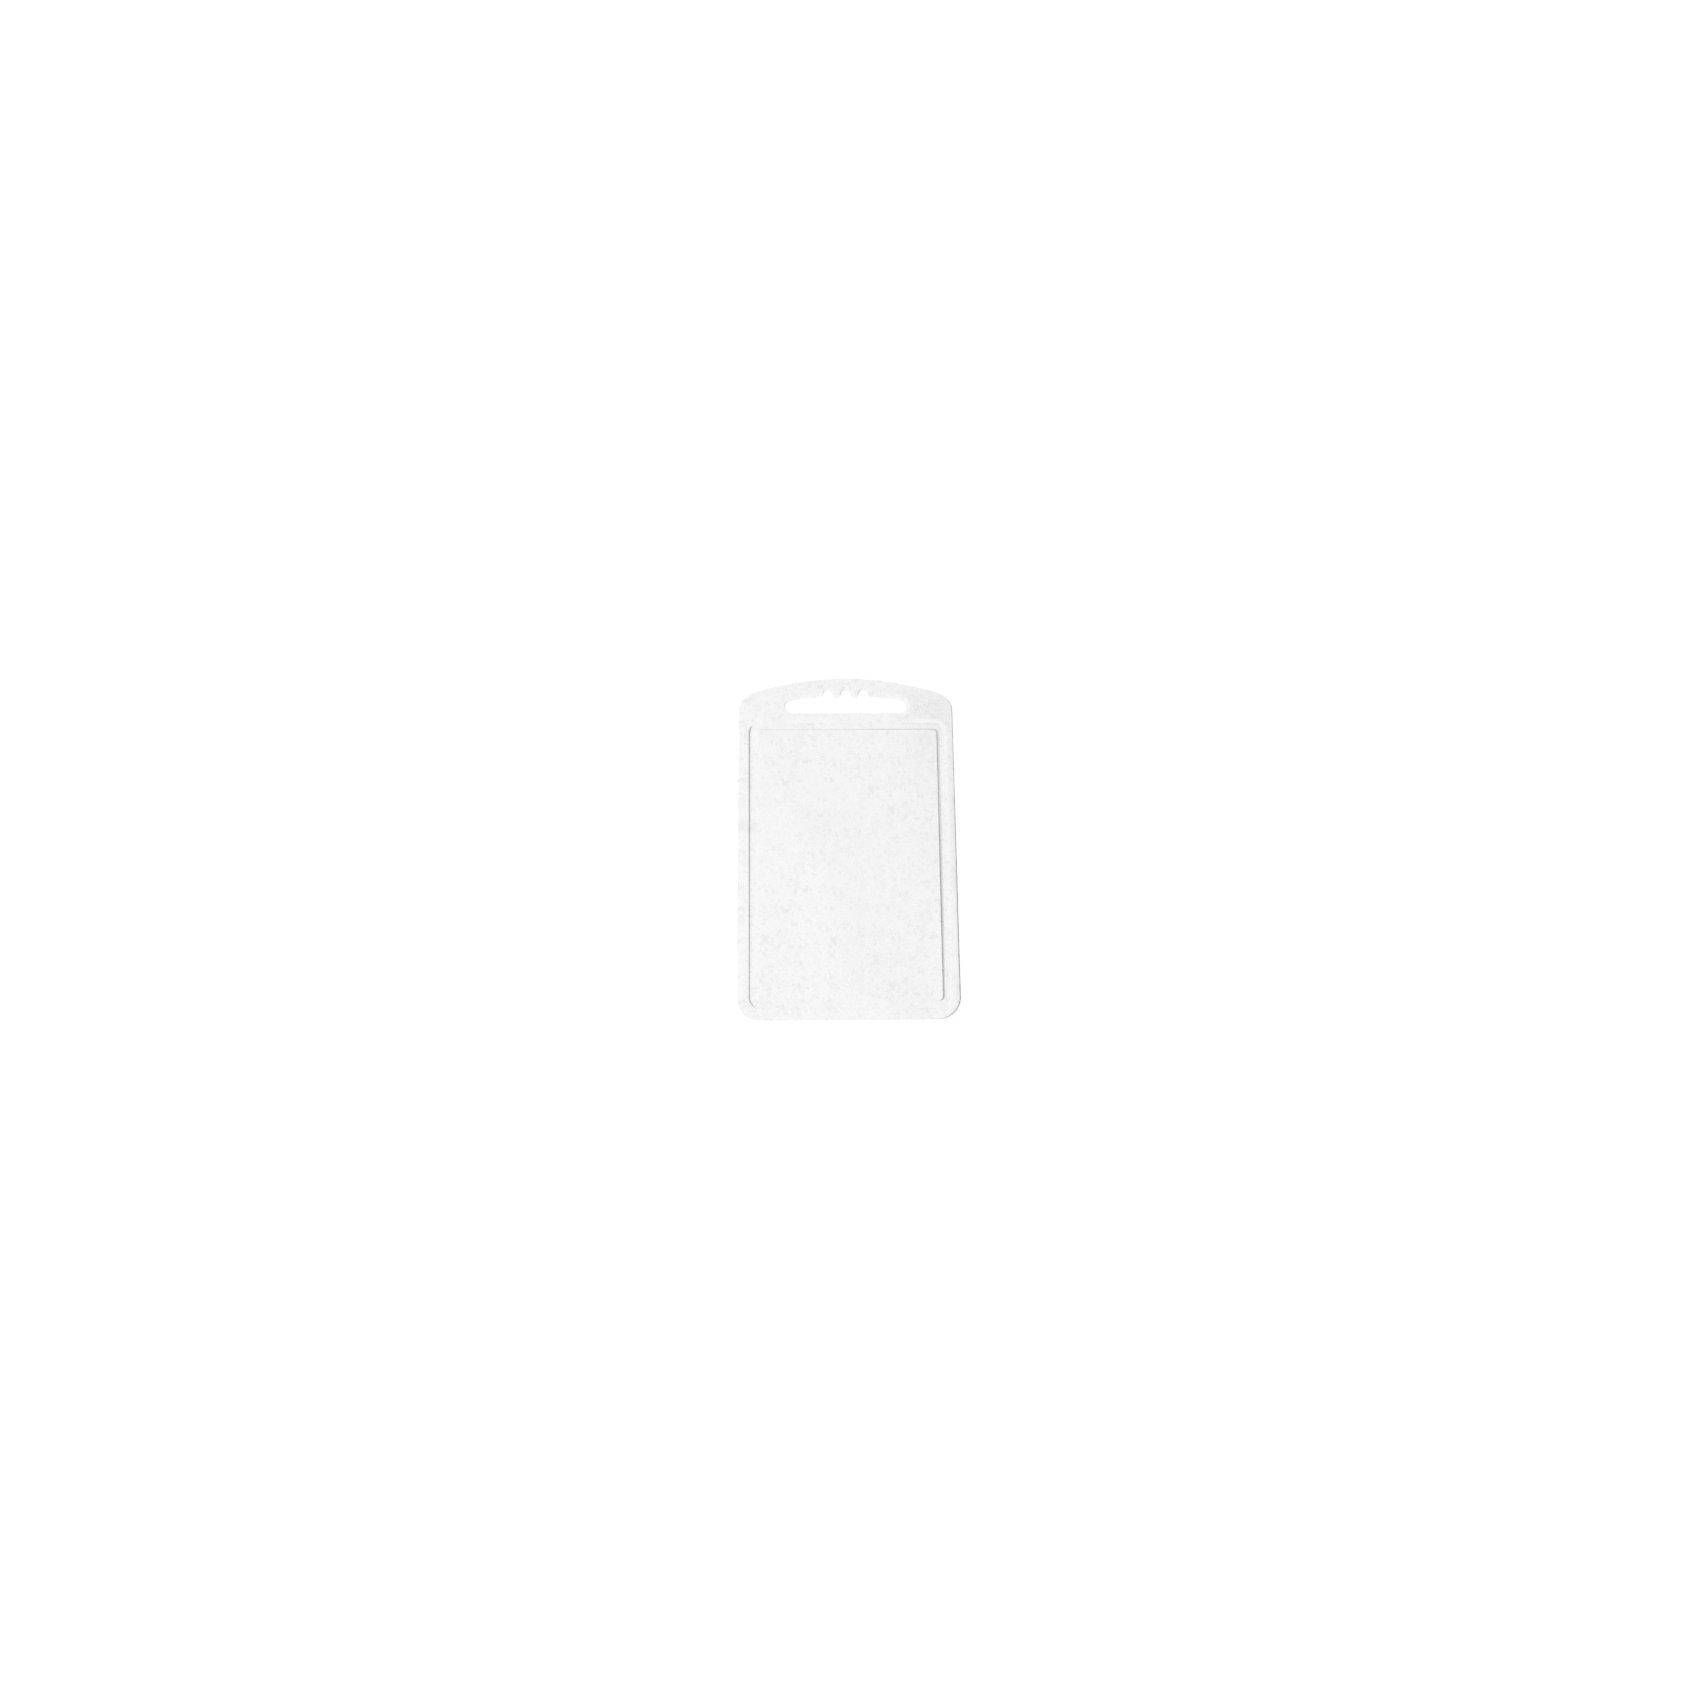 Доска разделочная малая, Plastic CentreПосуда<br>Доска разделочная малая, Plastic Centre<br><br>Характеристики:<br><br>• Цвет: зеленый<br>• Материал: пластик<br>• В комплекте: 1 штука<br>• Размер: 24х15 см<br><br>Эти компактные разделочные доски позволят вам легко навести порядок на вашей кухне и не отвлекаться на мелочи. Доска оснащена специальным желобком, который поможет слить стекающую воду, не потревожив продукты. Изготовлены они из высококачественного пищевого пластика, который безопасен  для здоровья. Доска устойчива к запахам и порезам от ножа.<br><br>Доска разделочная малая, Plastic Centre можно купить в нашем интернет-магазине<br><br>Ширина мм: 240<br>Глубина мм: 150<br>Высота мм: 4<br>Вес г: 96<br>Возраст от месяцев: 216<br>Возраст до месяцев: 1188<br>Пол: Унисекс<br>Возраст: Детский<br>SKU: 5545668